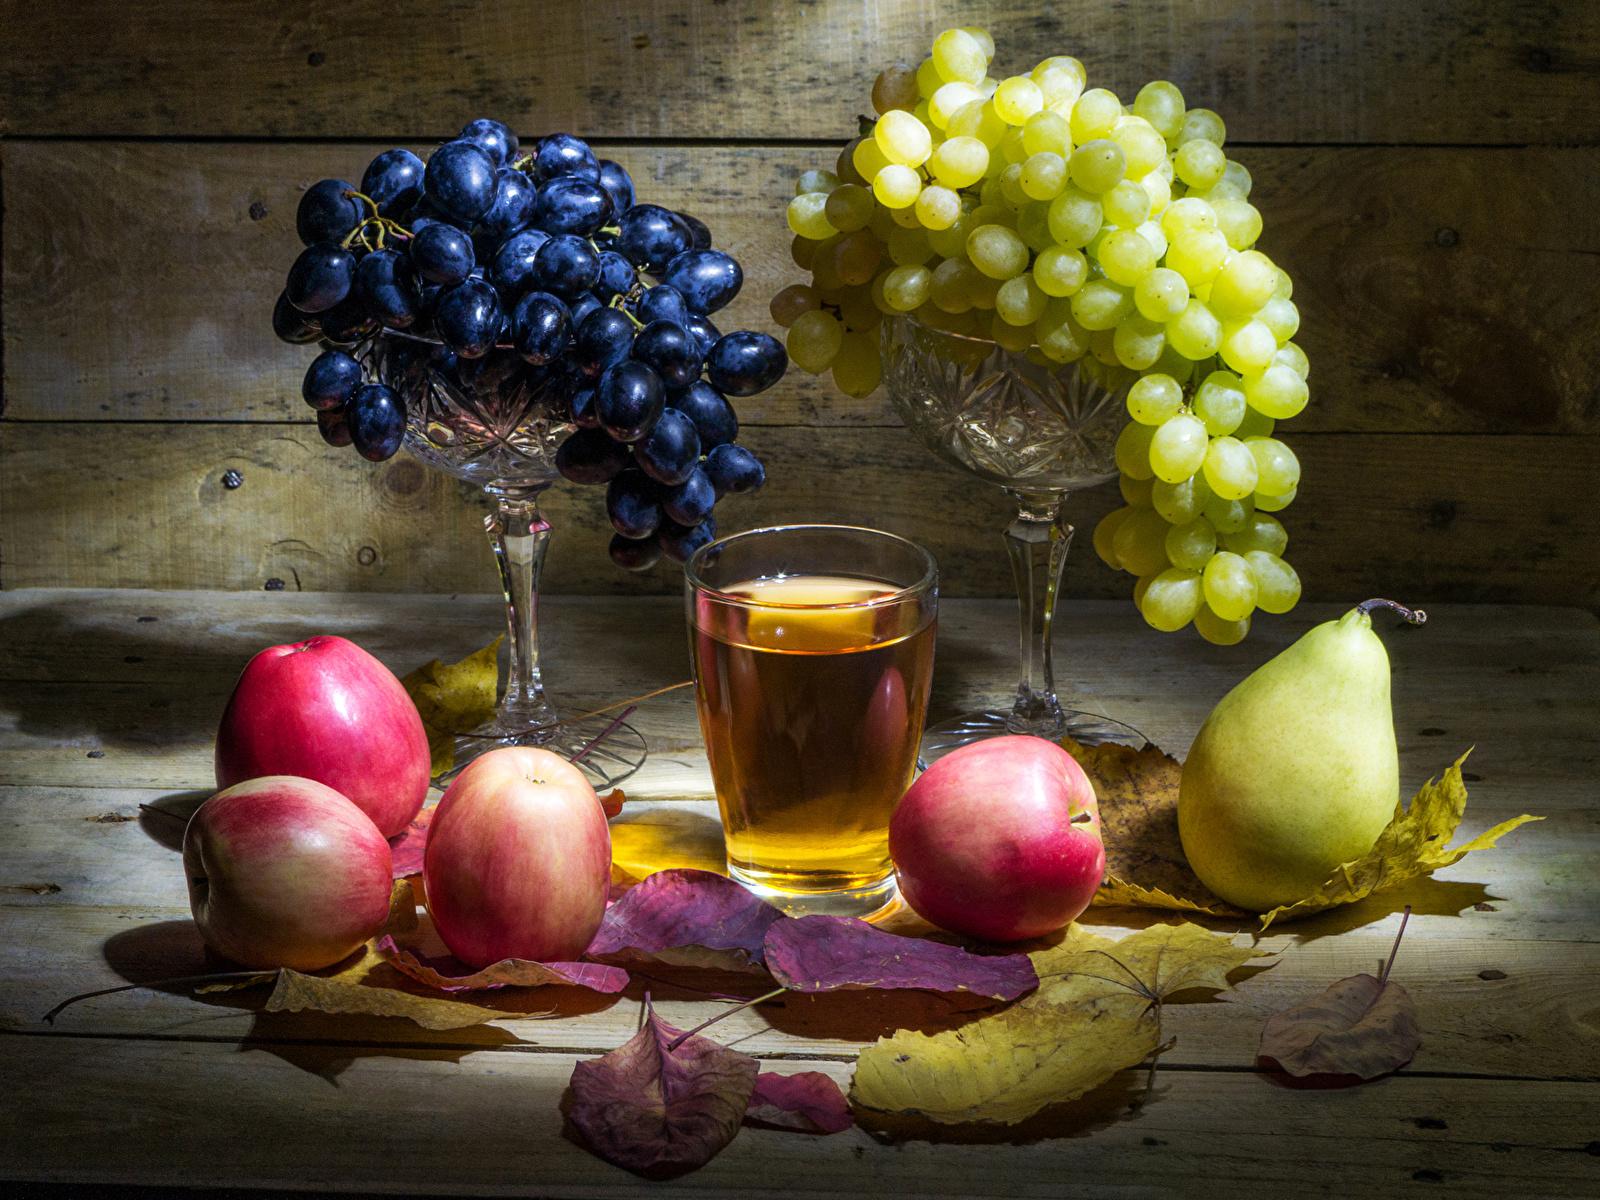 Обои для рабочего стола Листья Сок Груши Стакан Яблоки Виноград Еда Натюрморт 1600x1200 лист Листва стакана стакане Пища Продукты питания